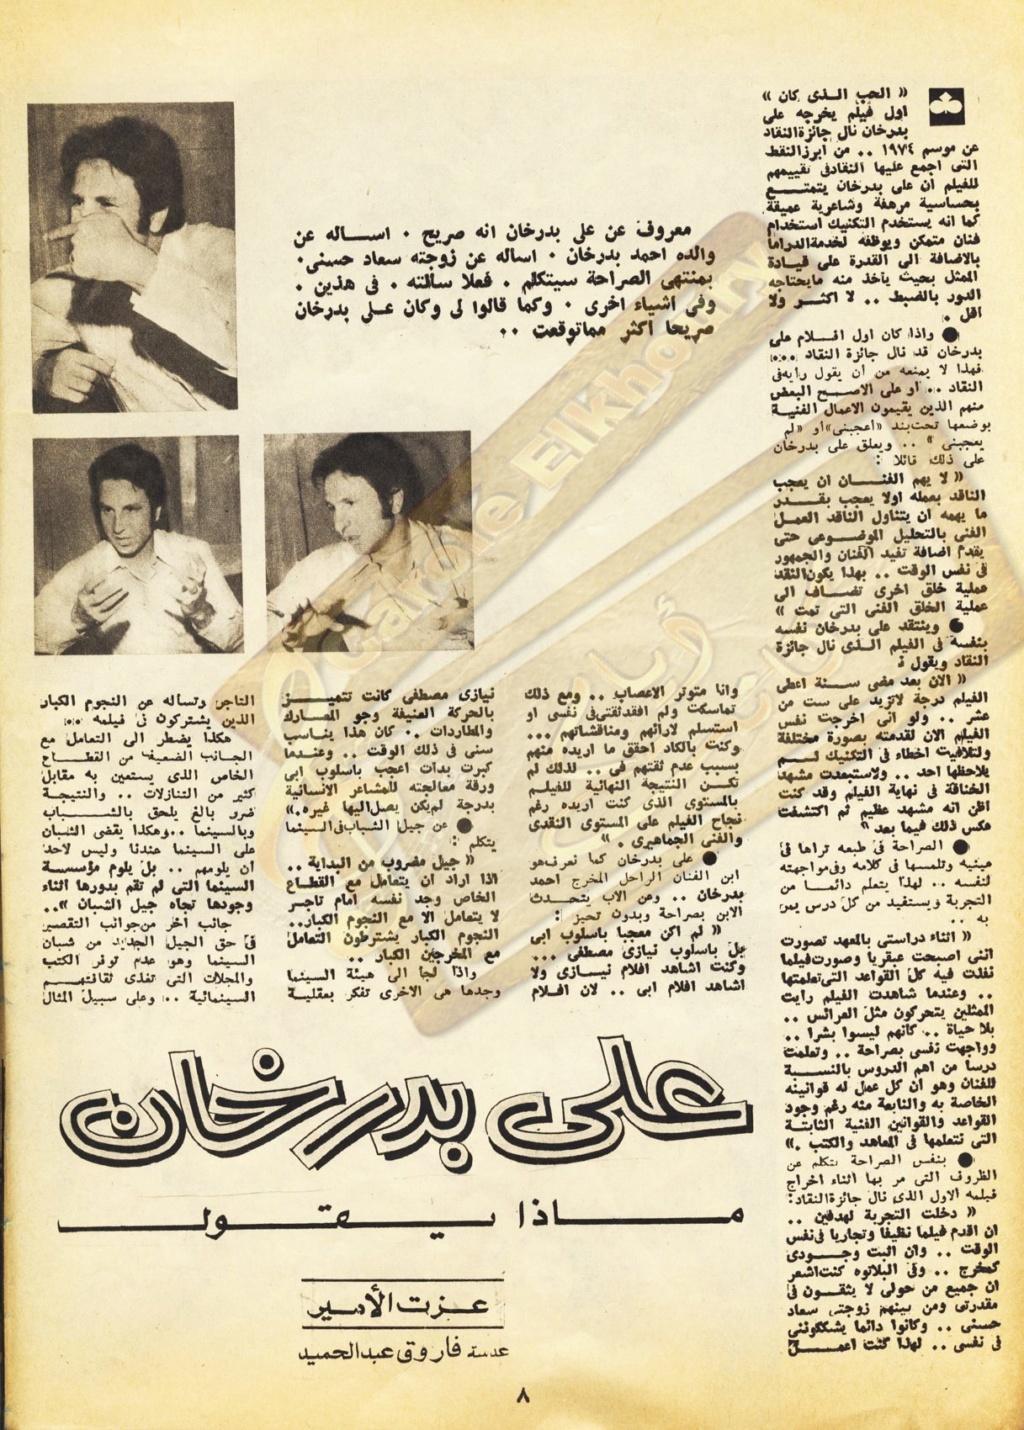 صحفي - حوار صحفي : على بدرخان .. ماذا يقول عن زوجته سعاد حسني ؟ 1974 م 148